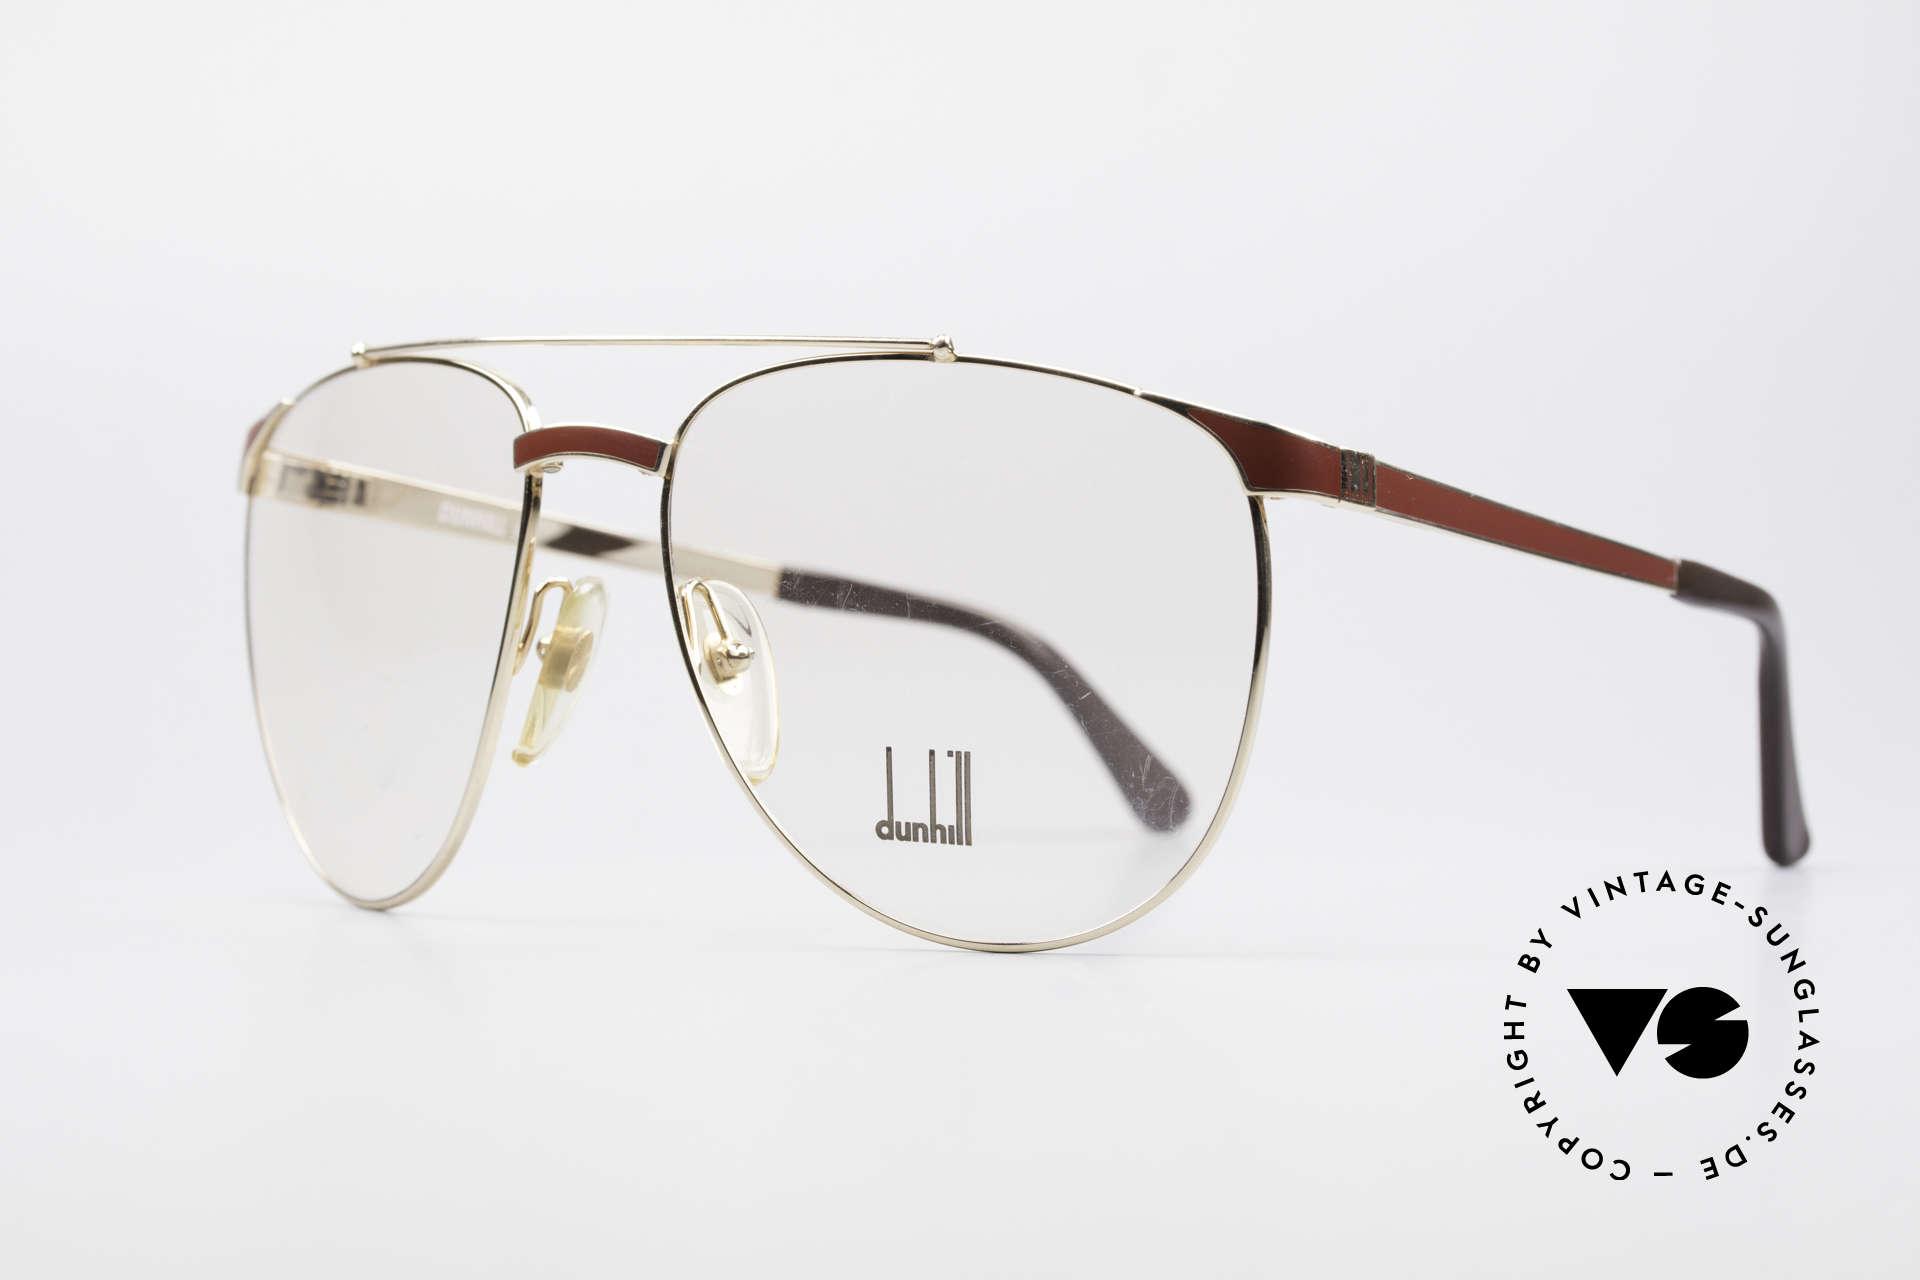 Dunhill 6034 Chinalack Luxus Brille 80er, Chinalack (viele Schichten verschiedener Lacke), Passend für Herren